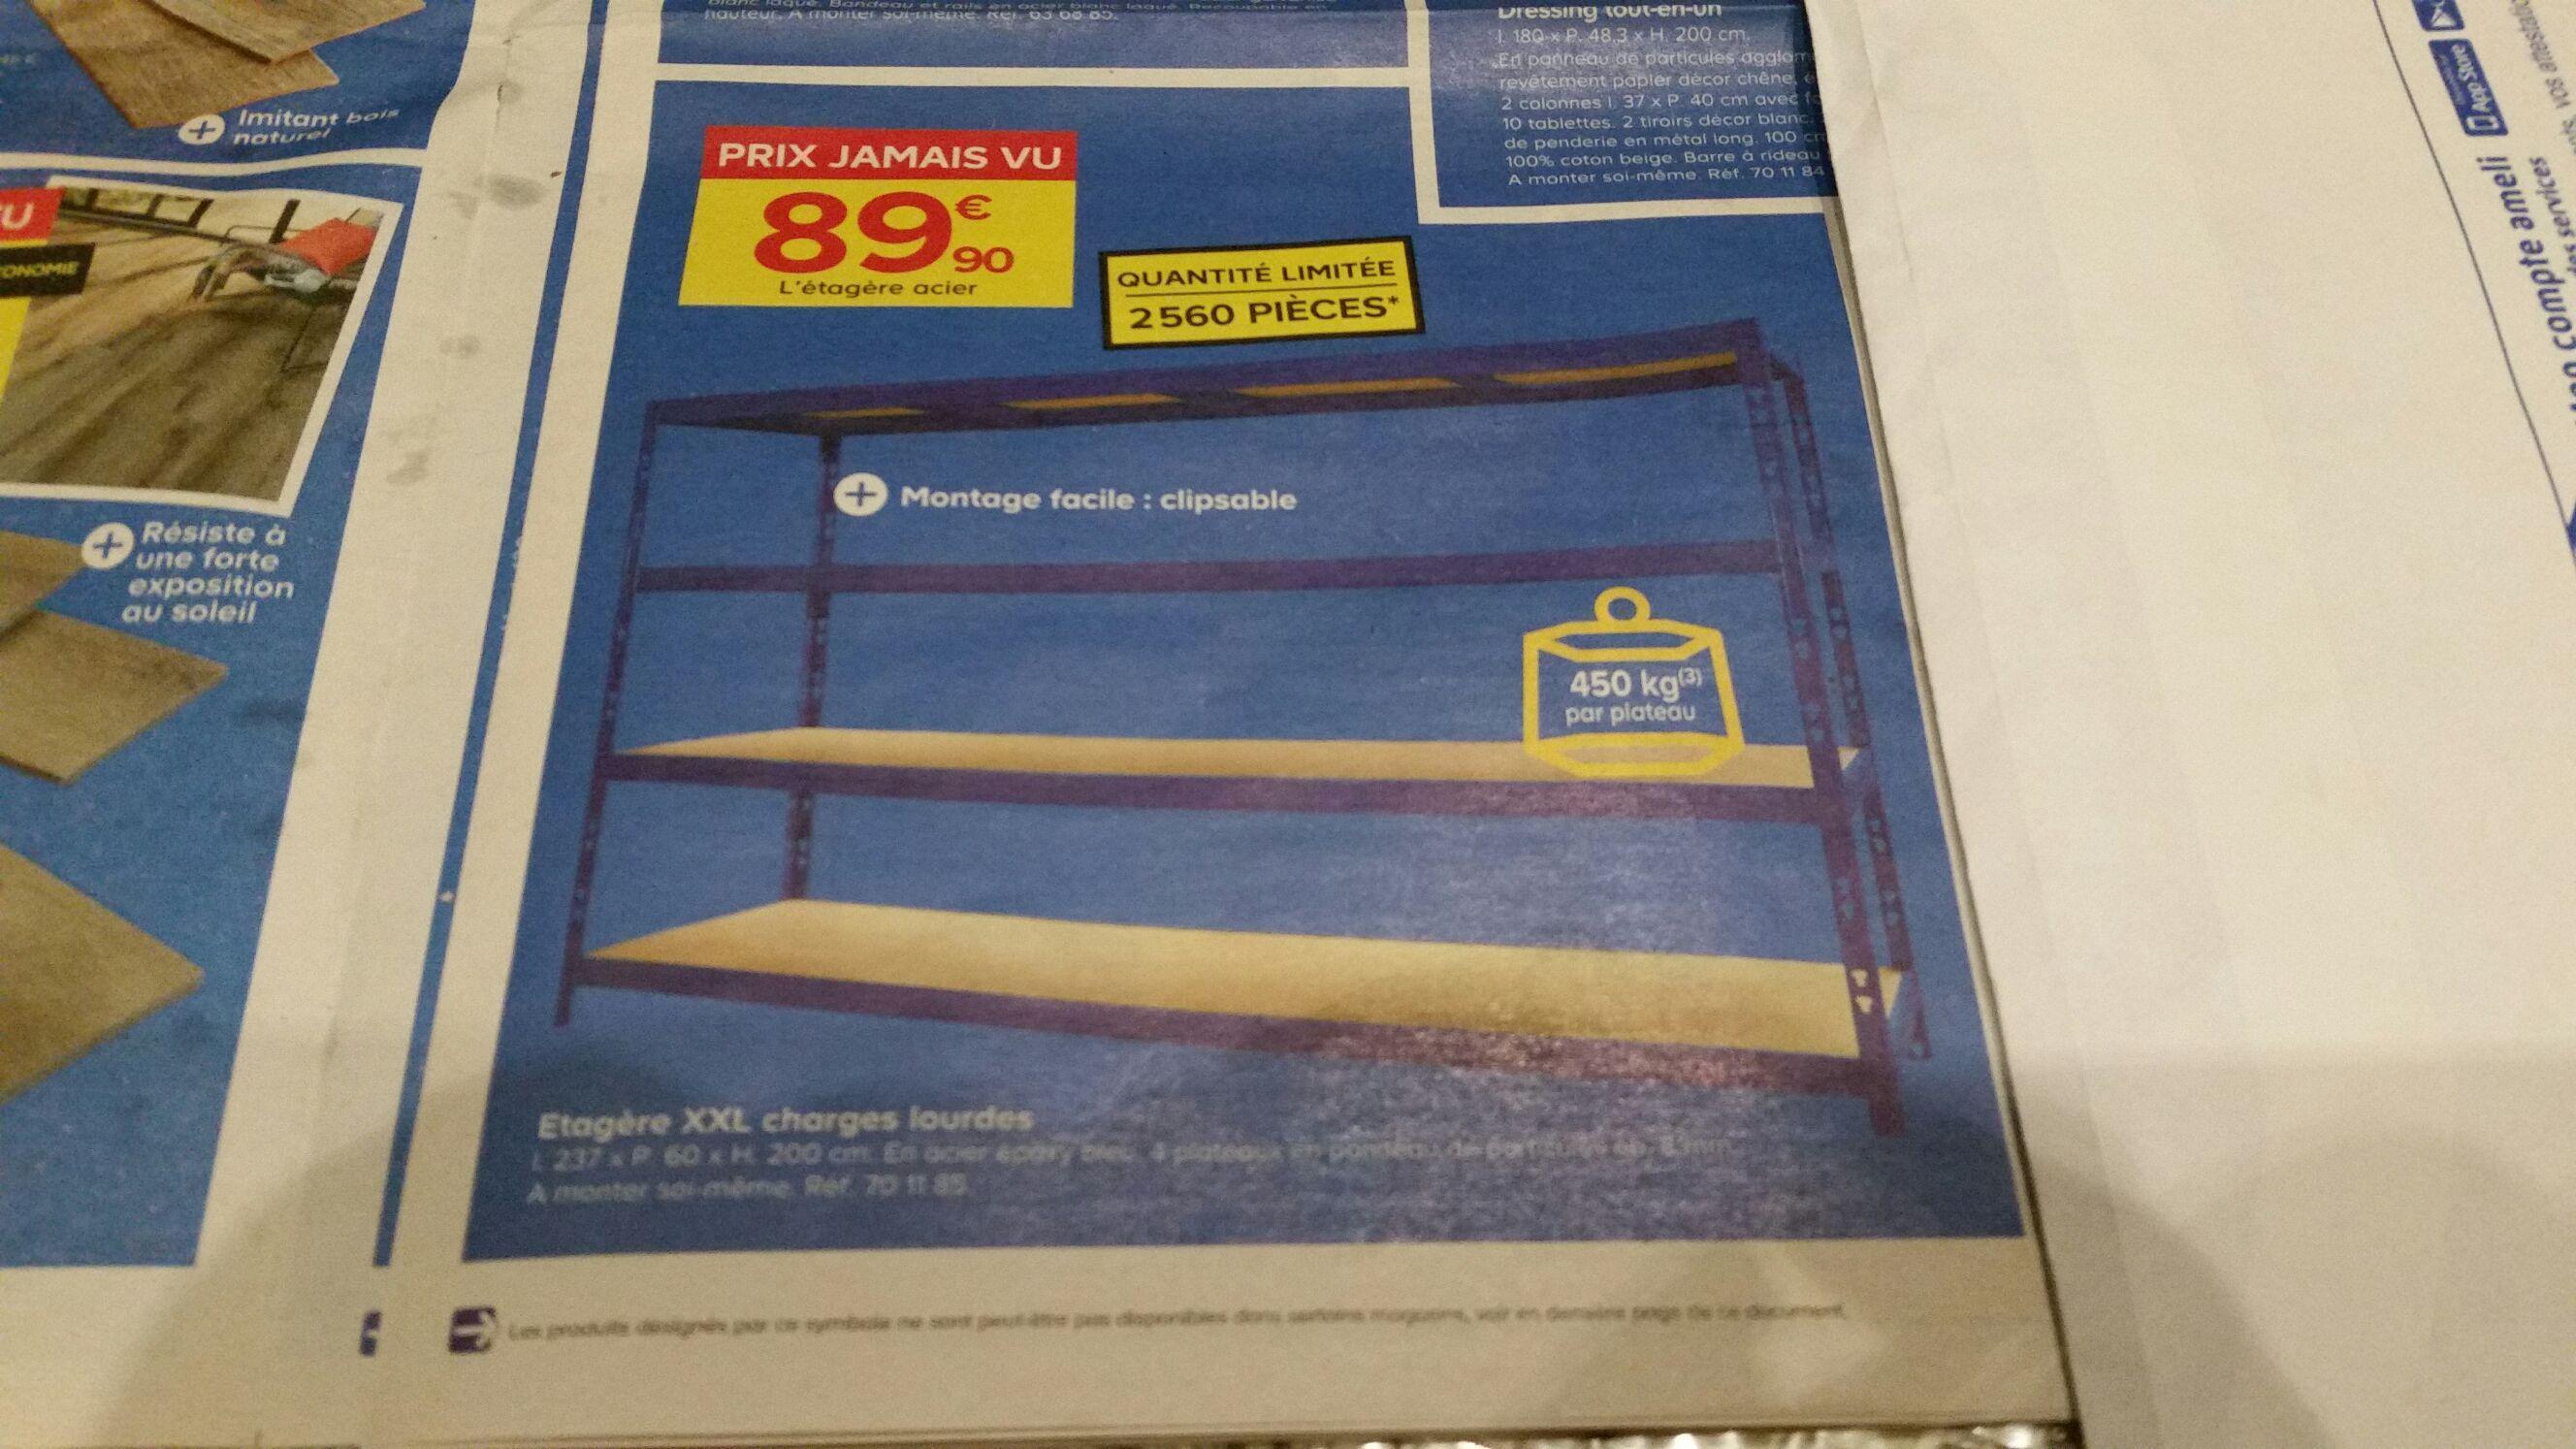 Étagère XXL charges lourdes (L 237 x P 60 x H 200cm)